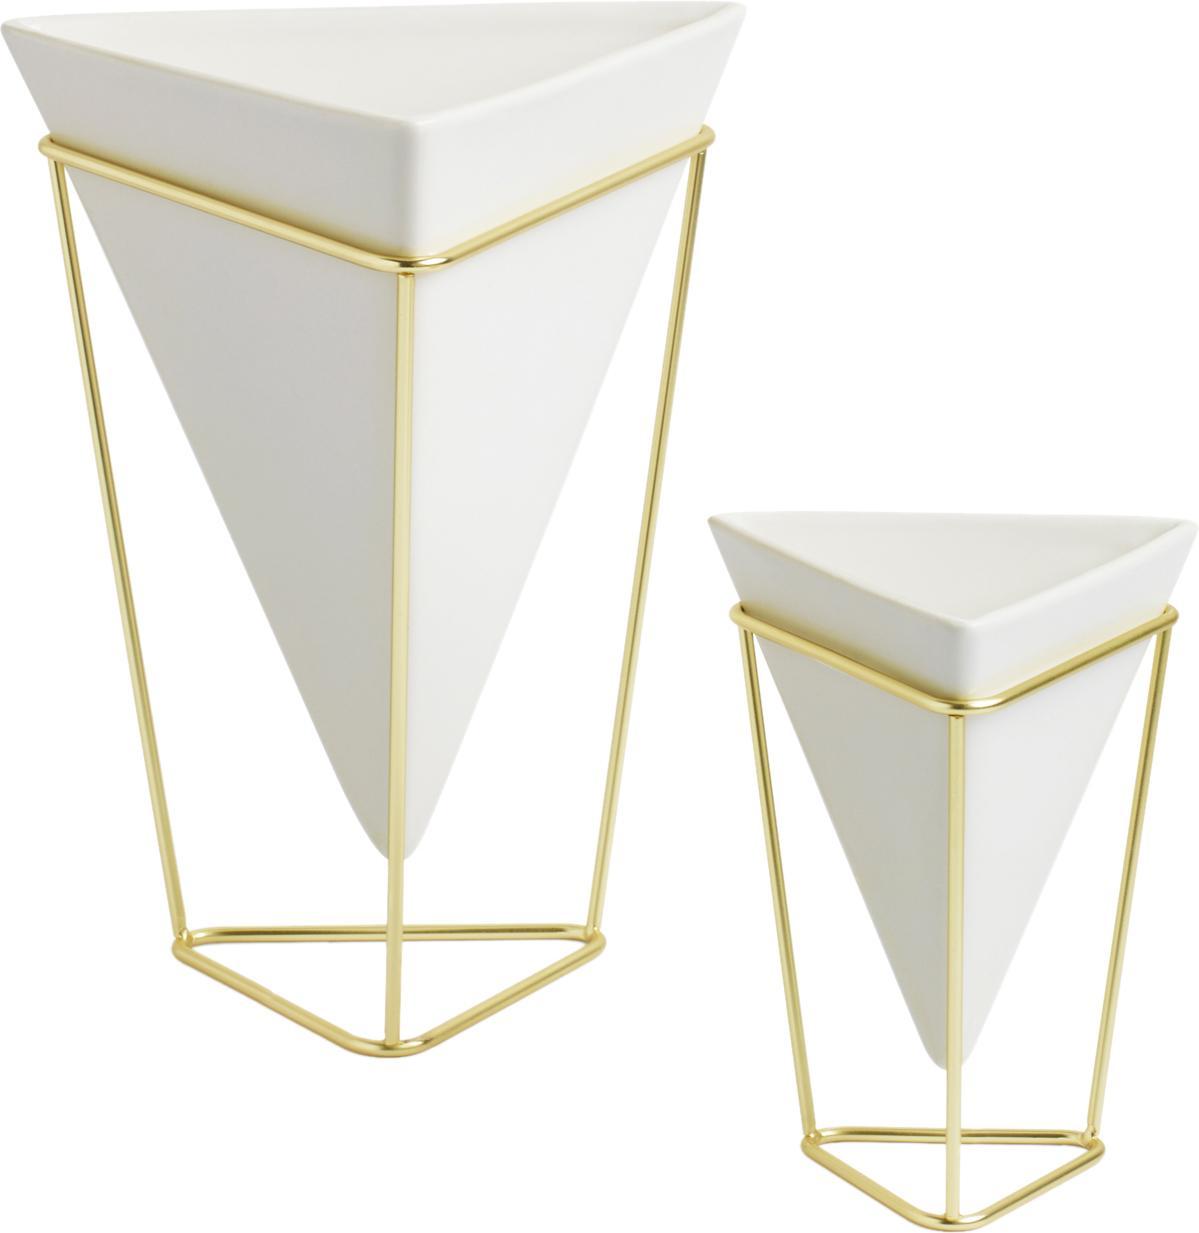 Vasen-Set Trigg, 2-tlg., Vasenhalter: Metall, vermessingt, Aufbewahrung: Weiß<br>Aufhängung: Messing, Sondergrößen